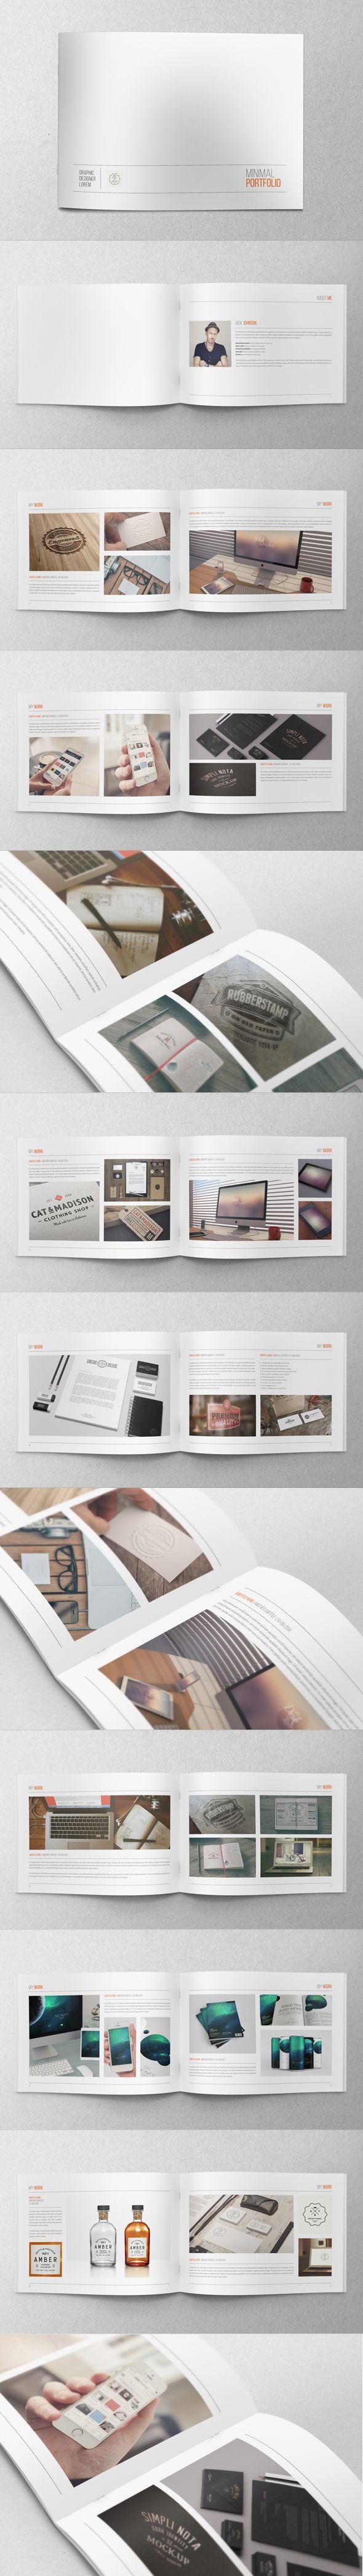 Minimal Hipster Design Portfolio on Behance                                                                                                                                                                                 More                                                                                                                                                                                 Mehr